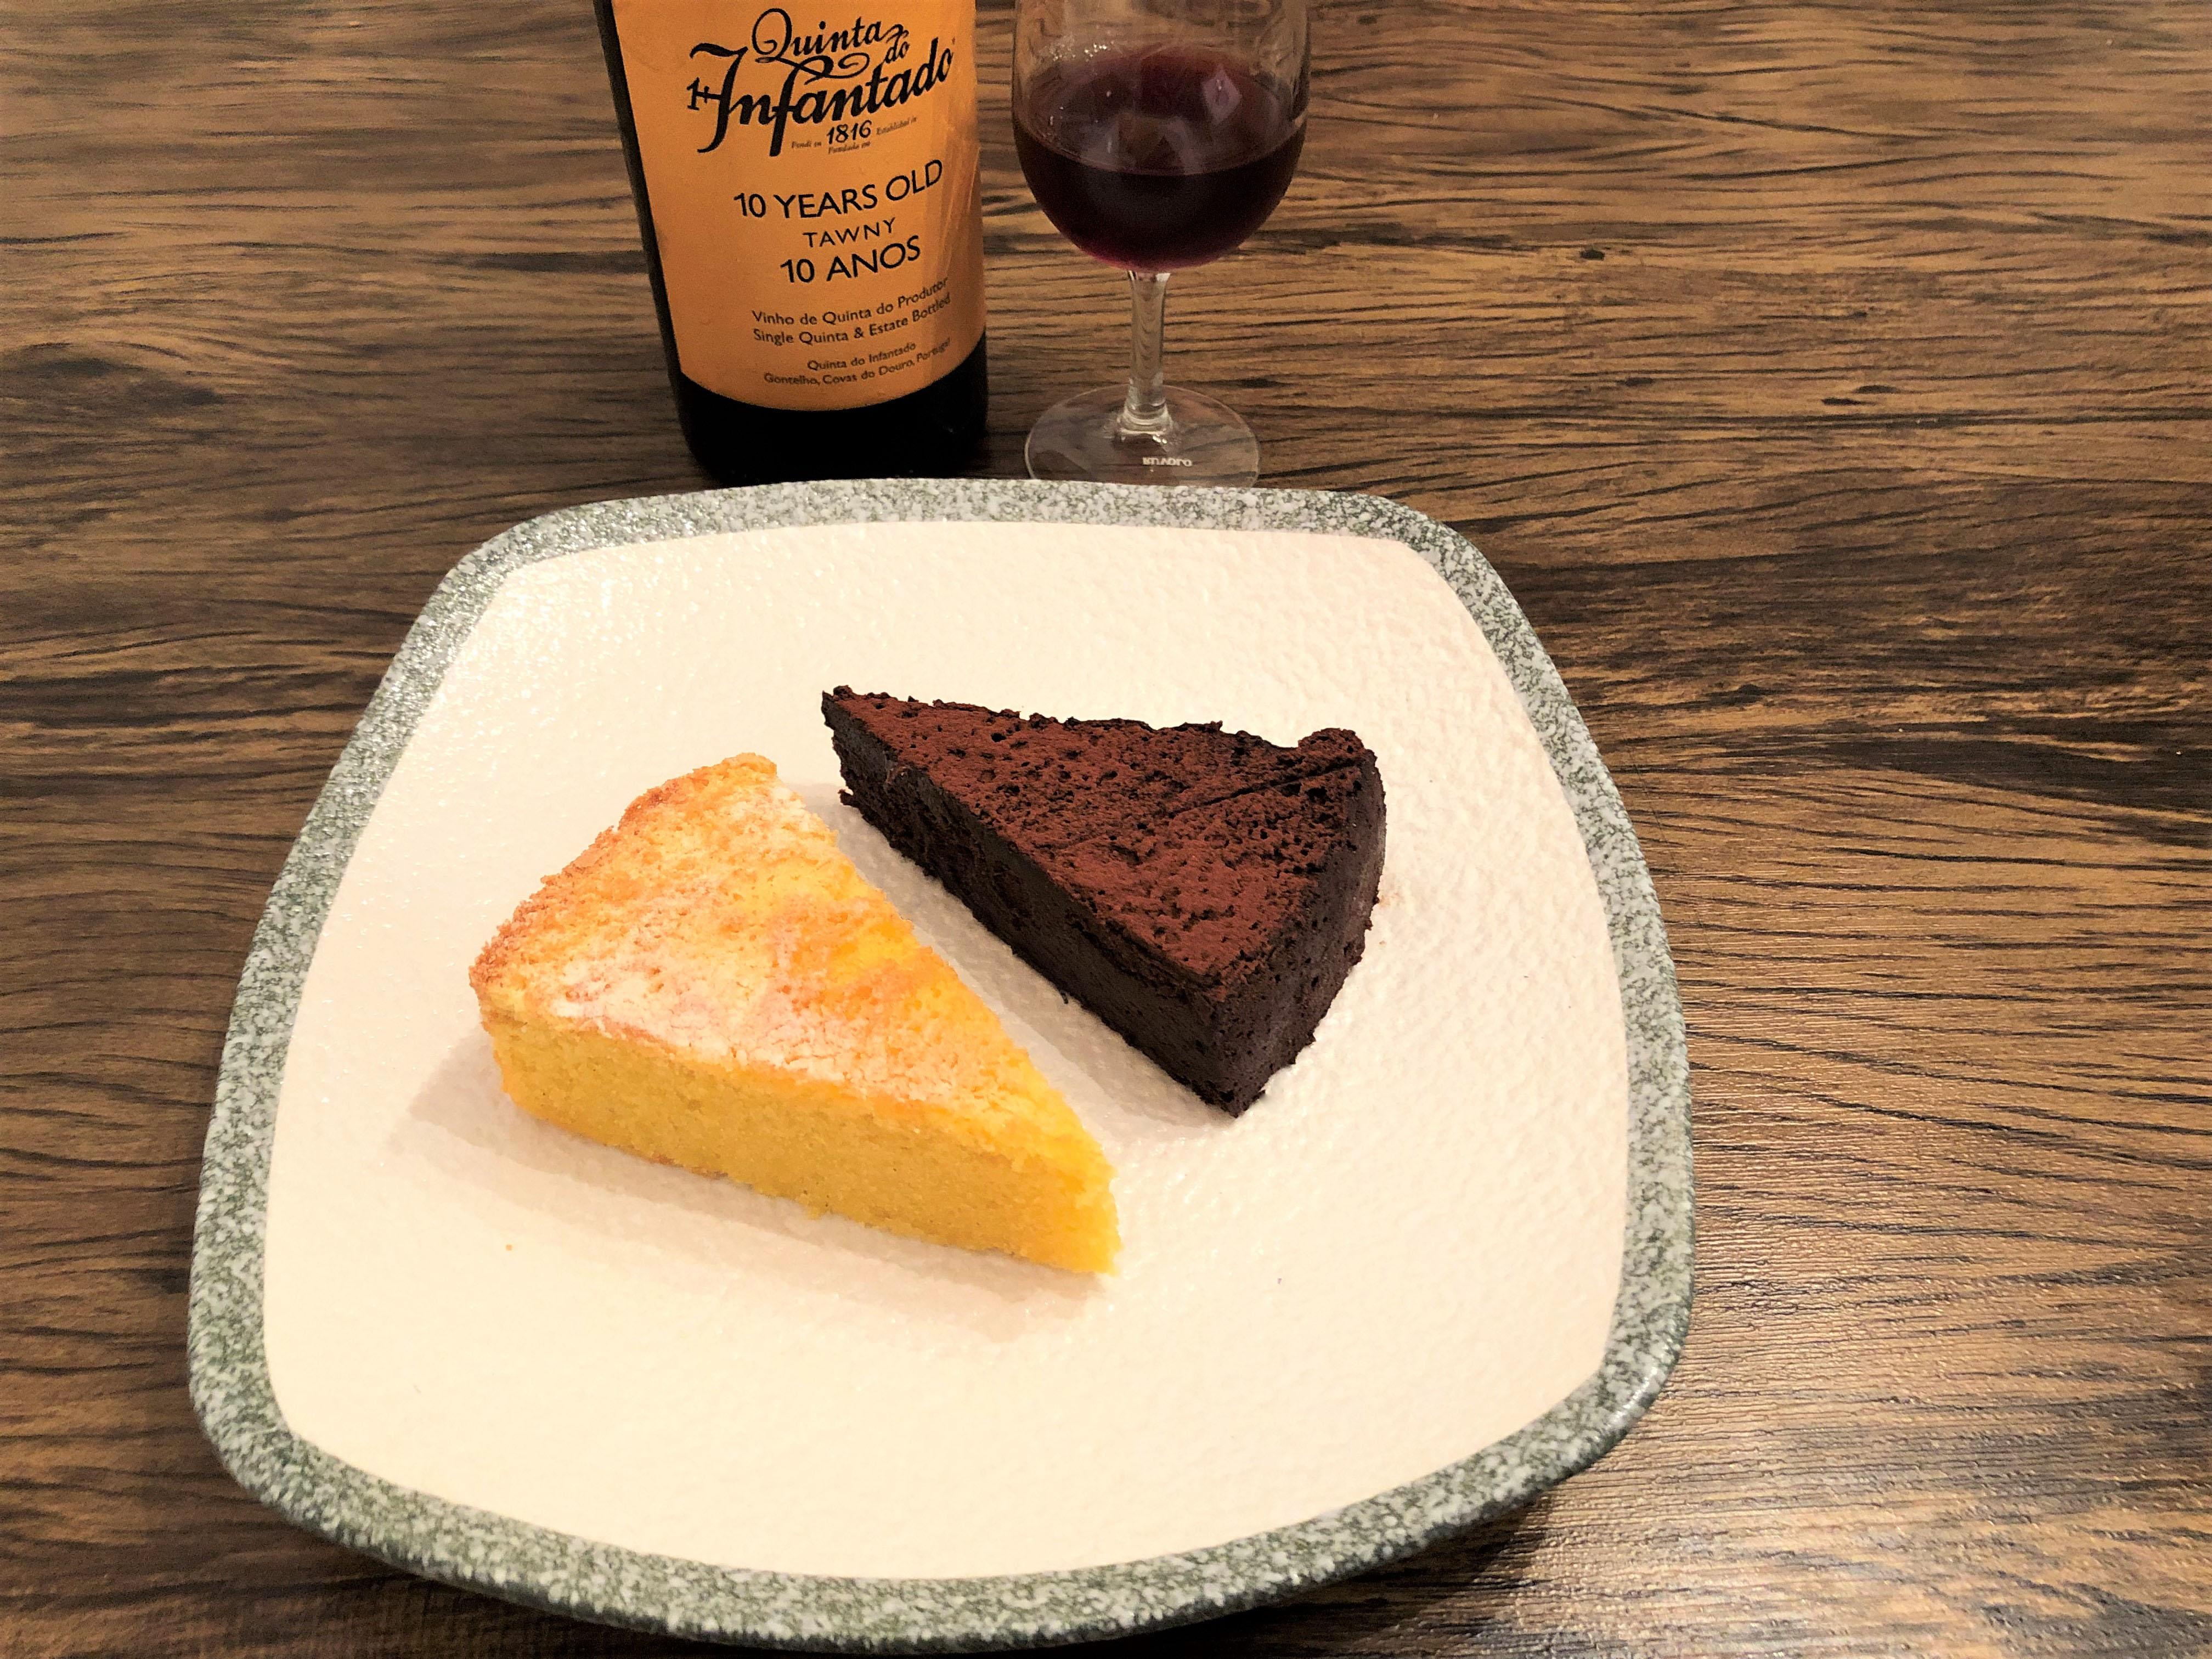 Harmonização vinho do porto torta